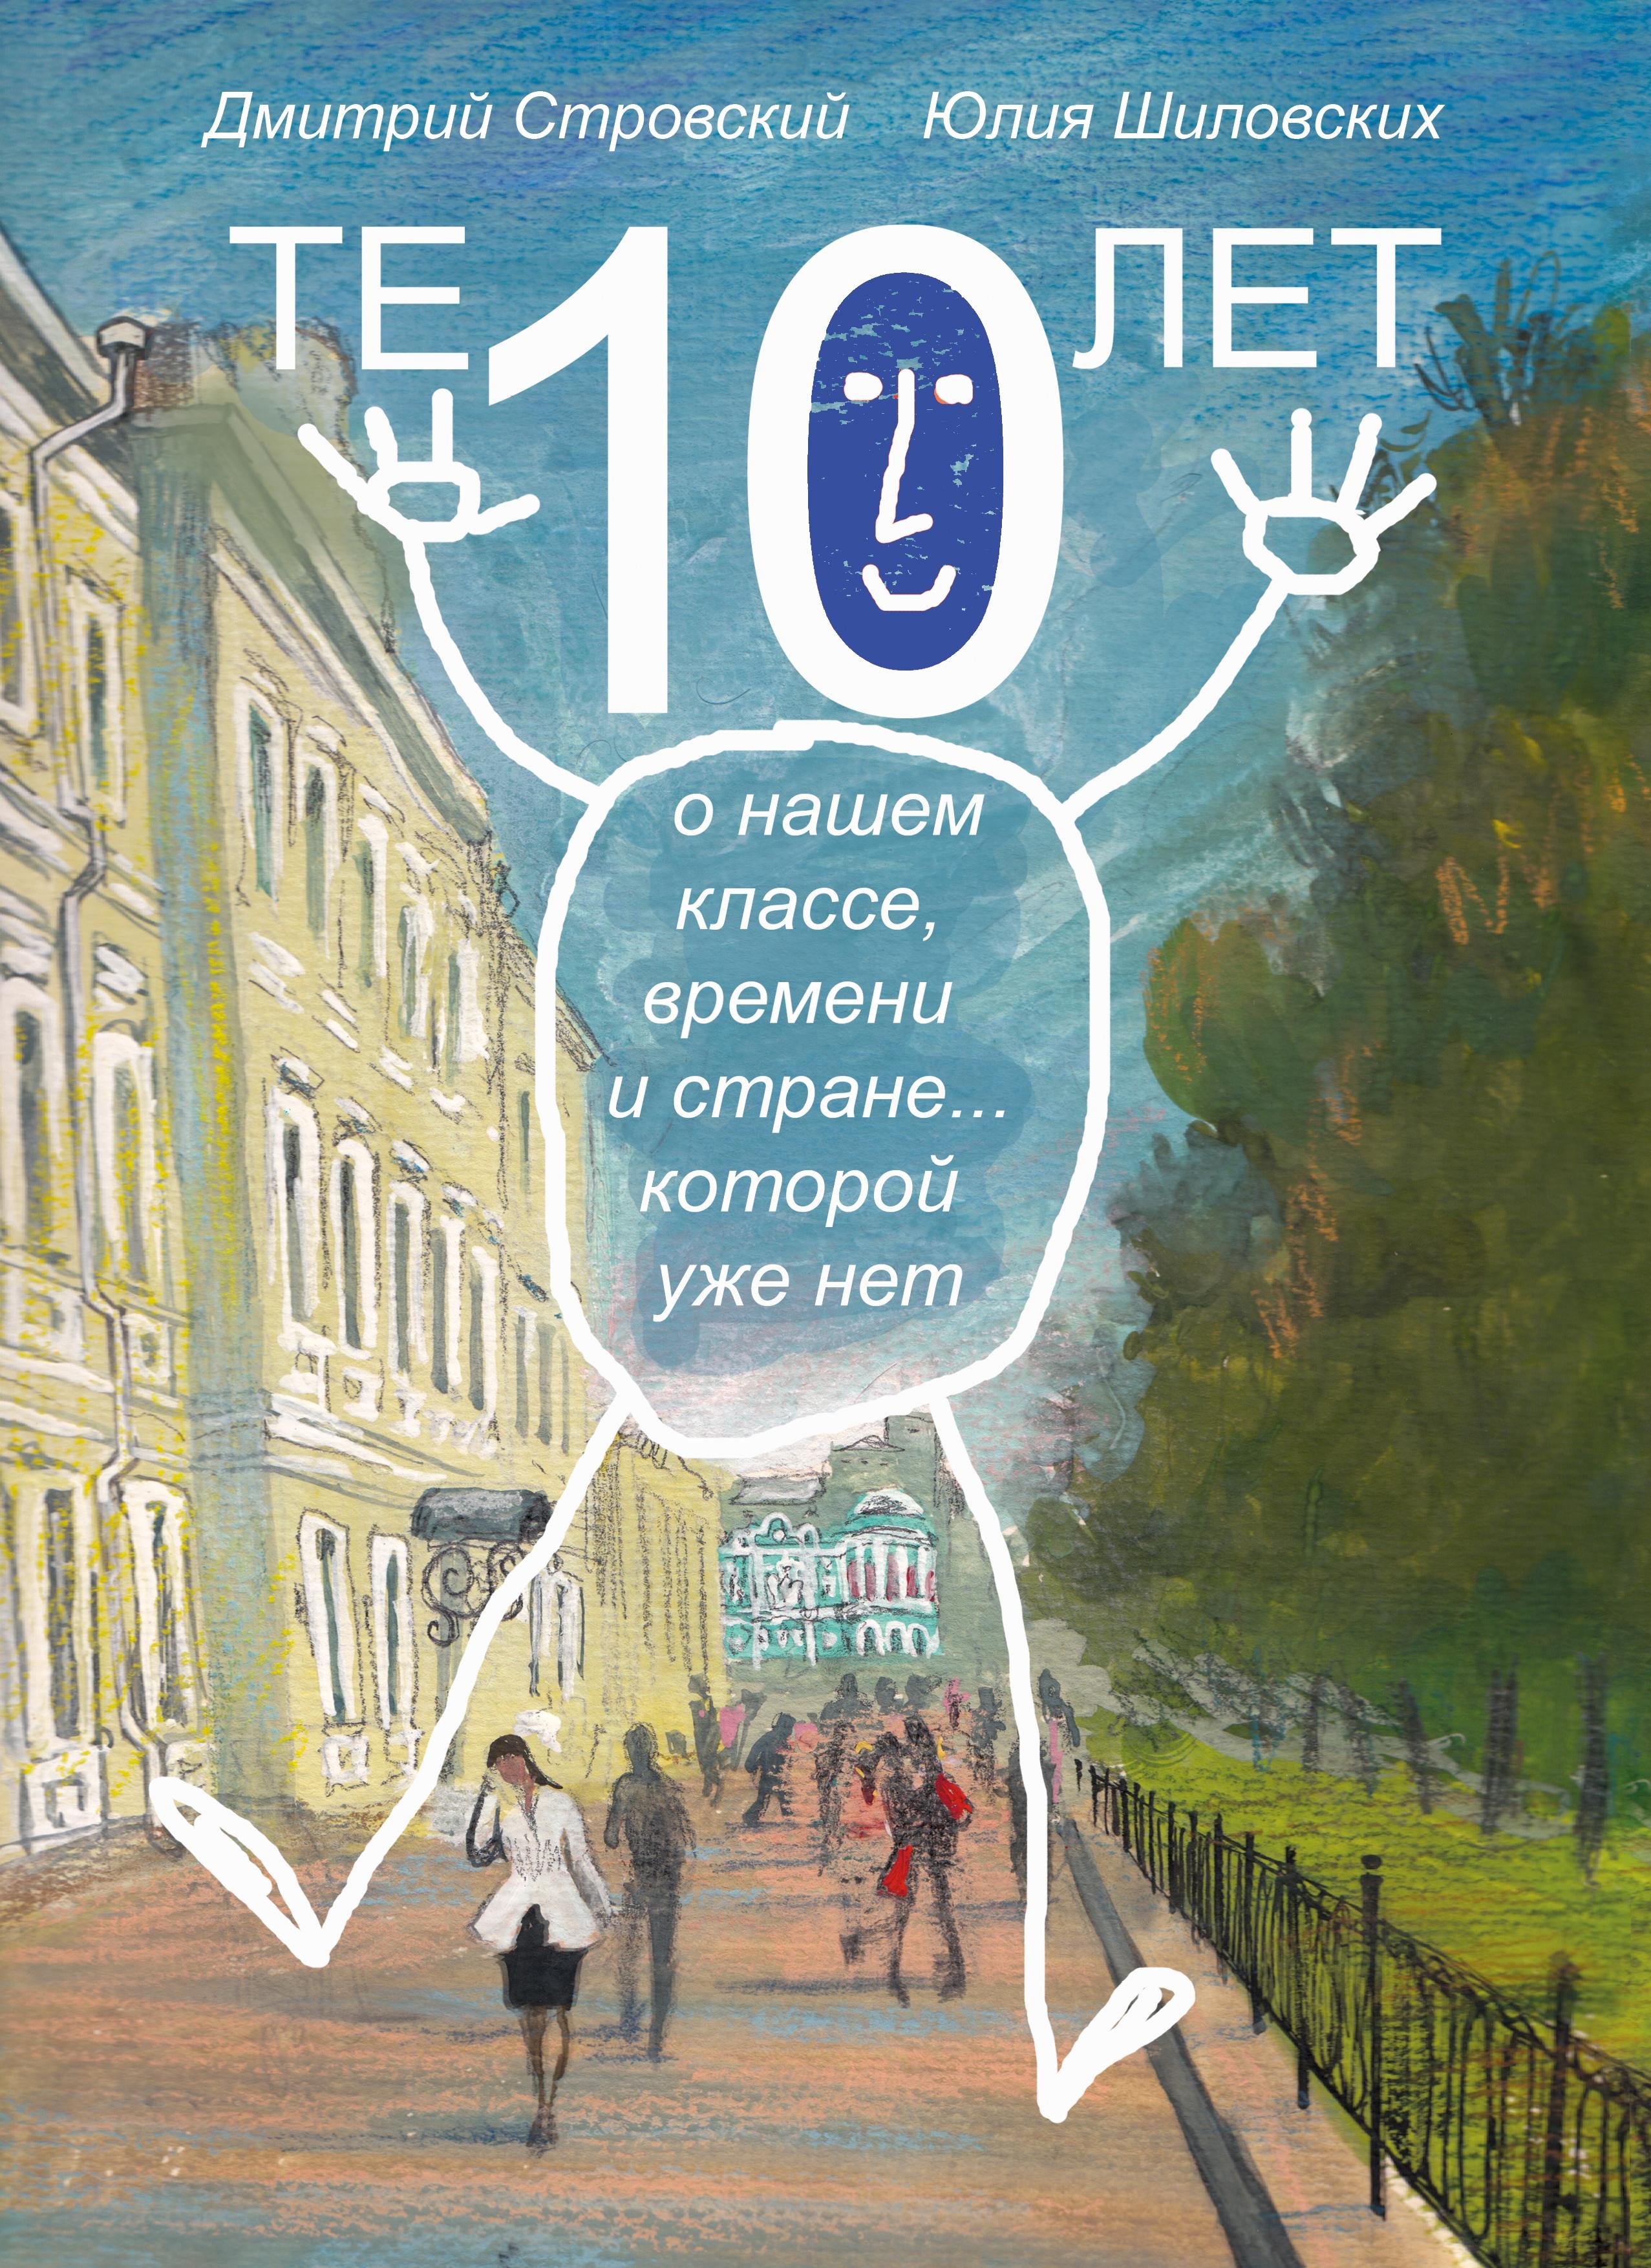 Thumbnail for the post titled: Презентация книги «Те 10 лет»